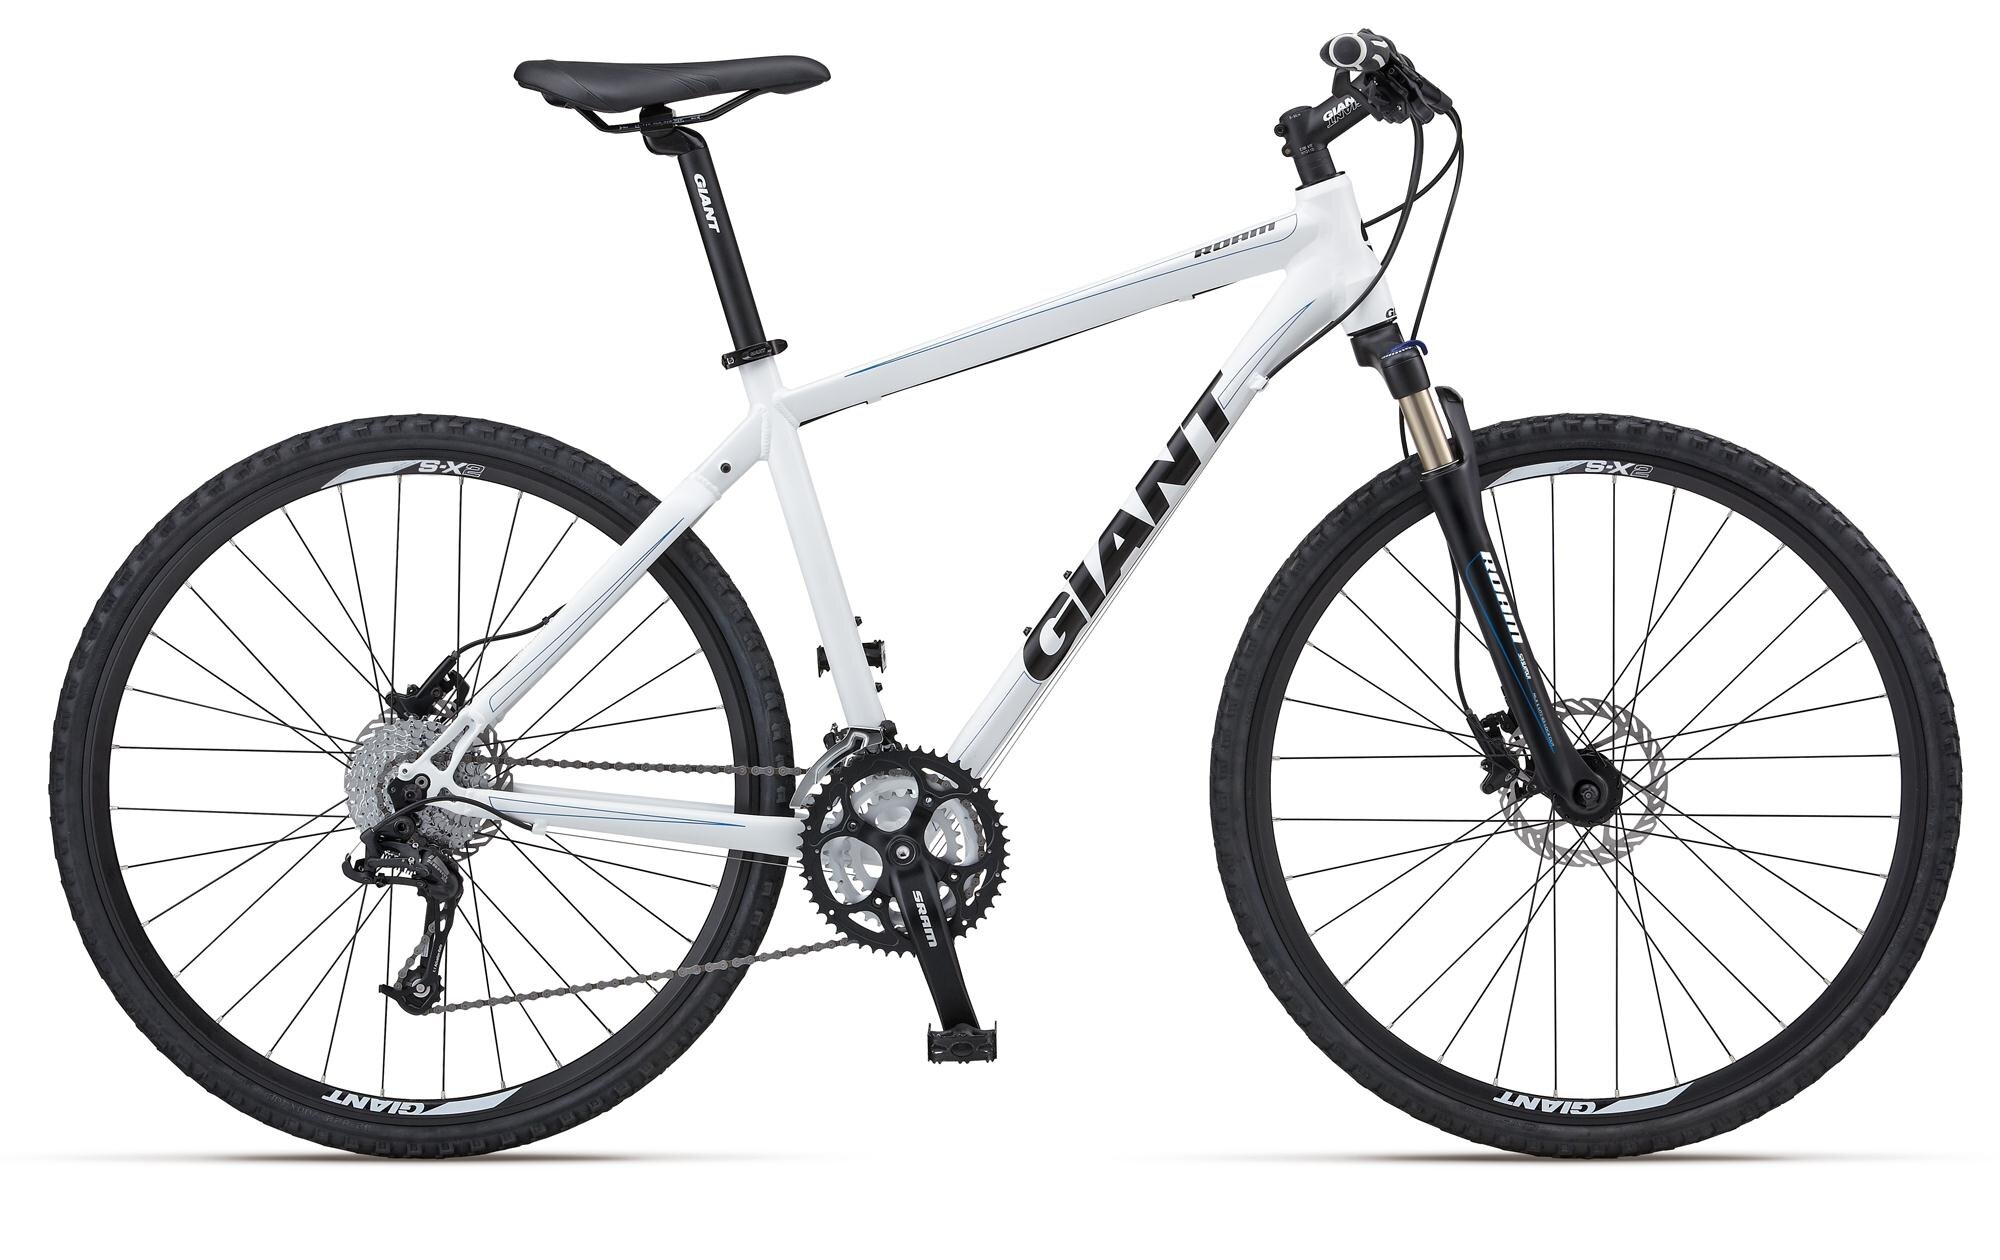 Bảng giá các dòng xe đạp thể thao có mặt trên thị trường cập nhật tháng 3/2016